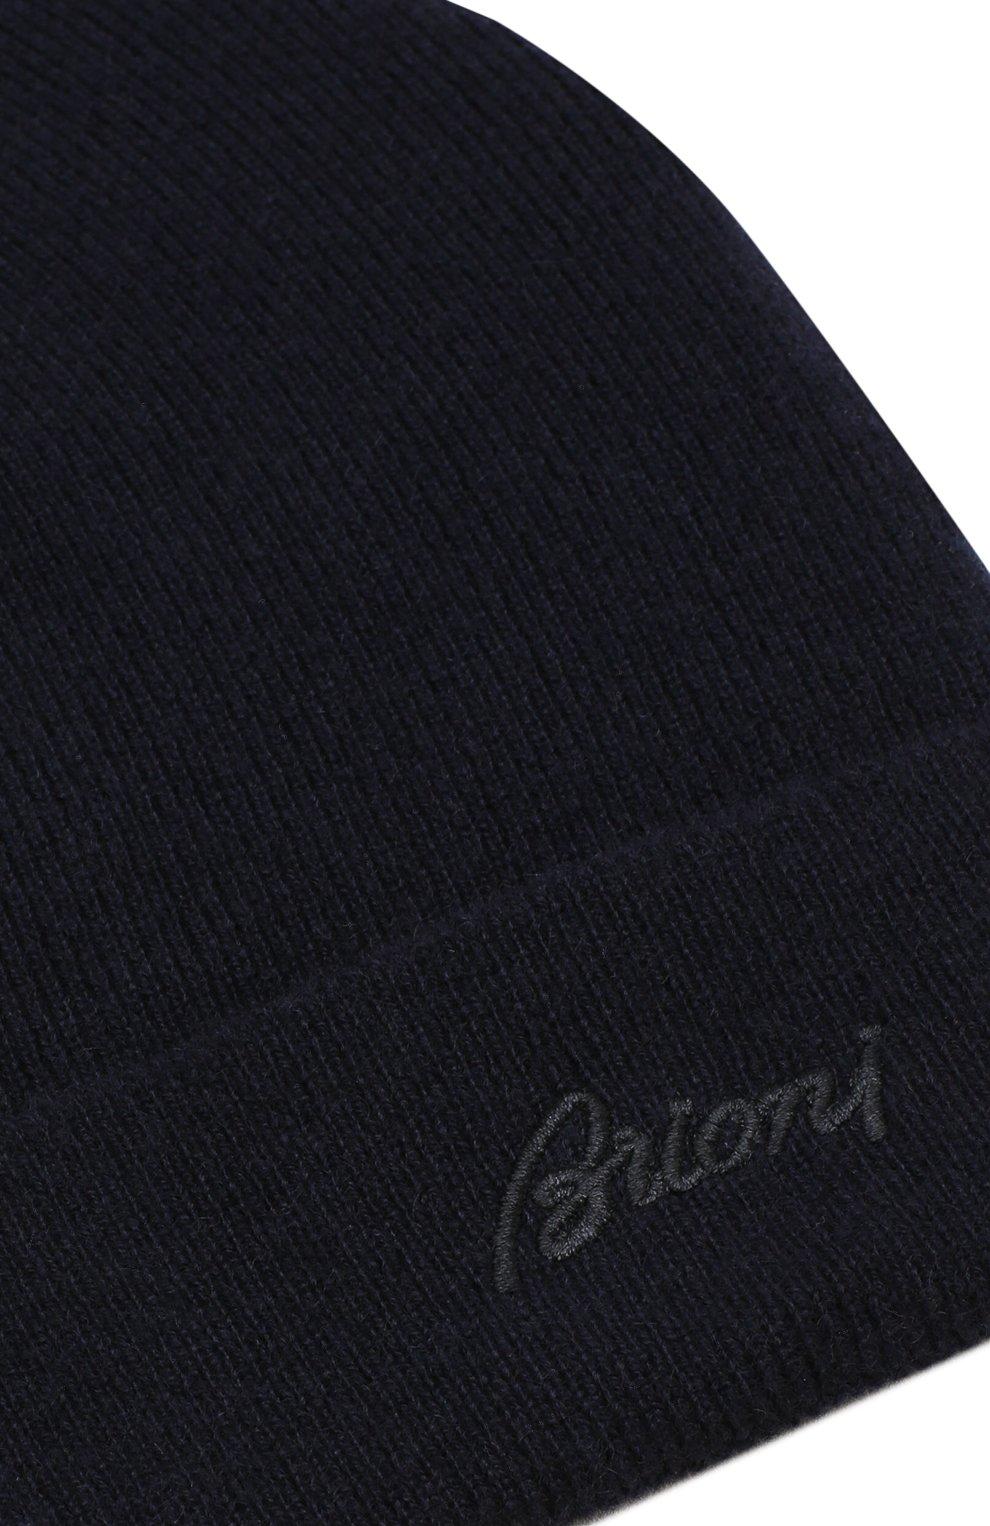 Мужская кашемировая шапка с отворотом BRIONI темно-синего цвета, арт. 04M20L/07K11 | Фото 3